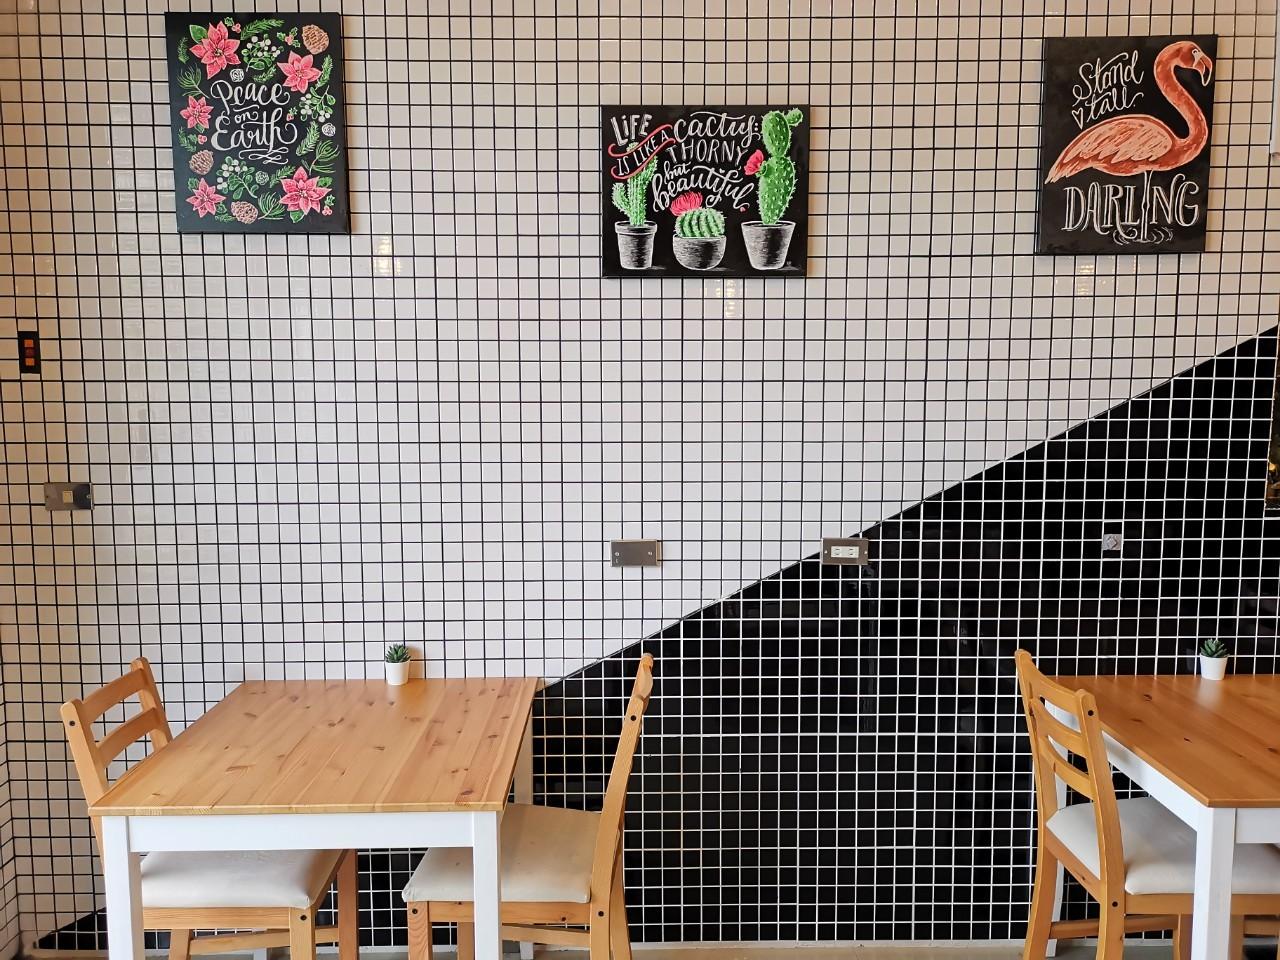 新北八里網美打卡景點美食餐廳 藍點咖啡 BLUE SPECK CAFE